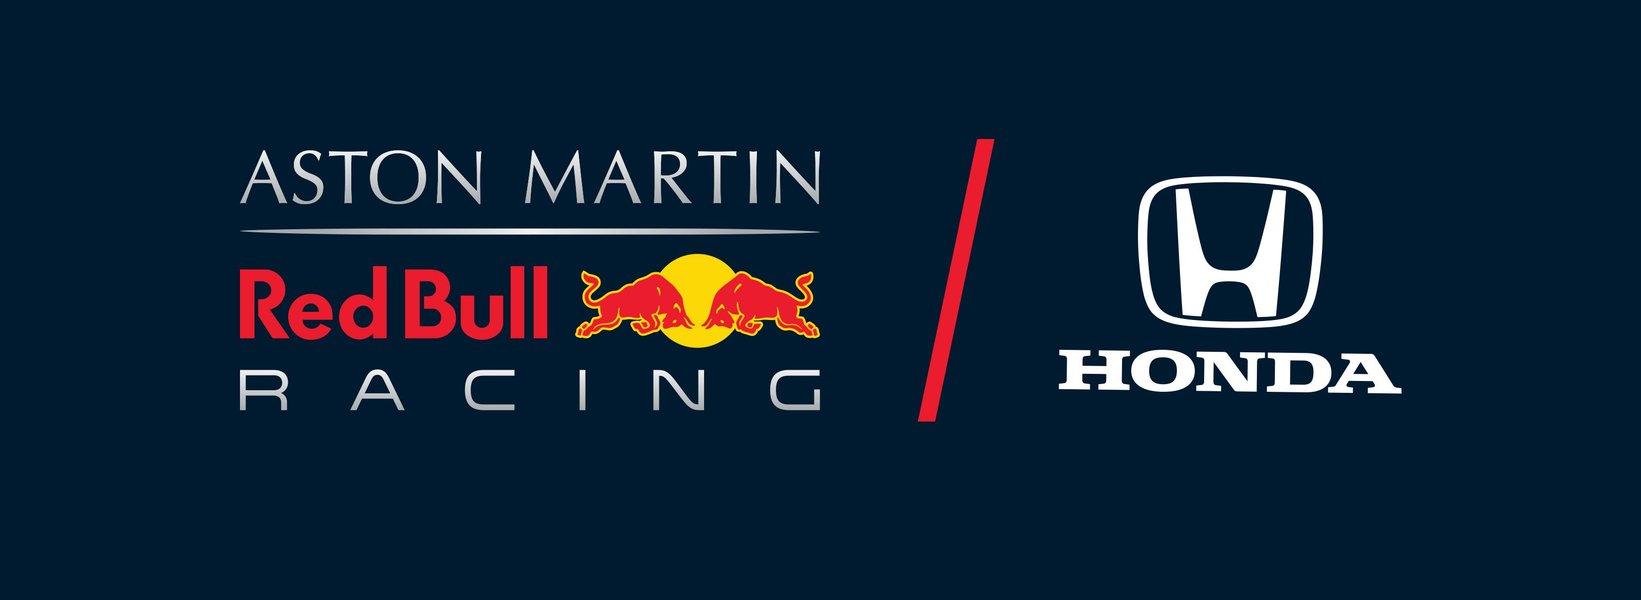 Red Bull Racing + Honda